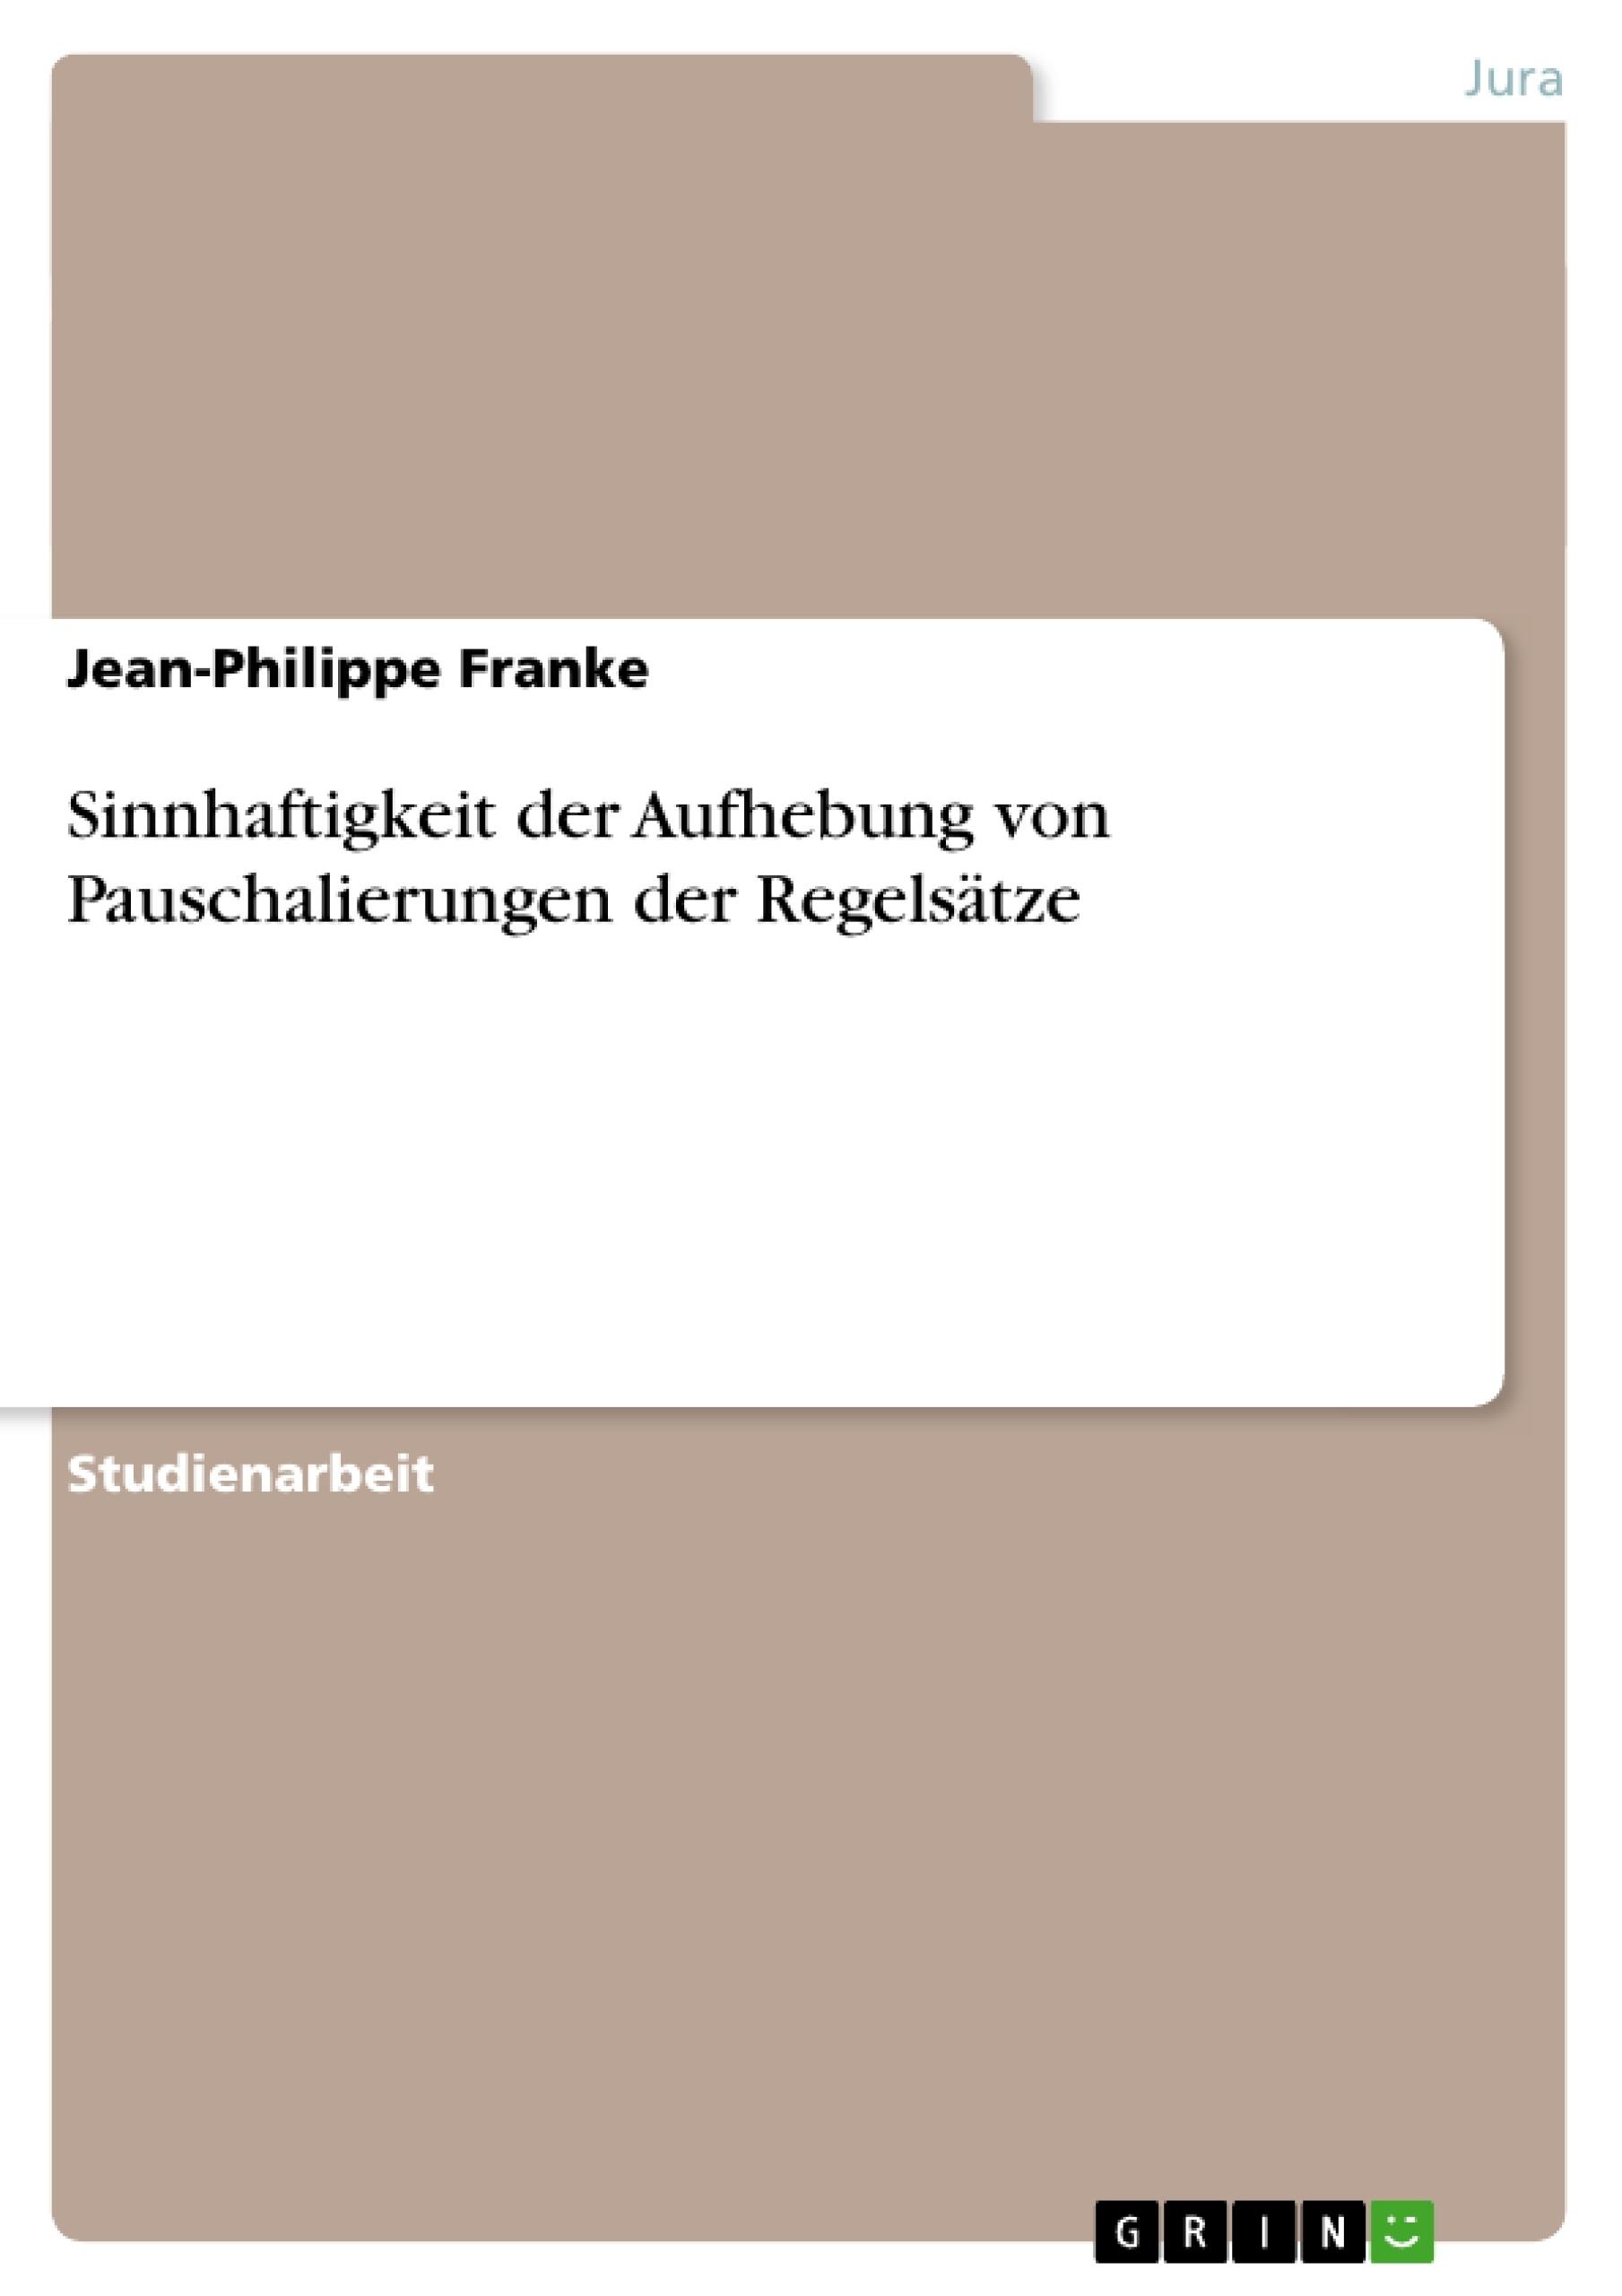 Titel: Sinnhaftigkeit der Aufhebung von Pauschalierungen der Regelsätze